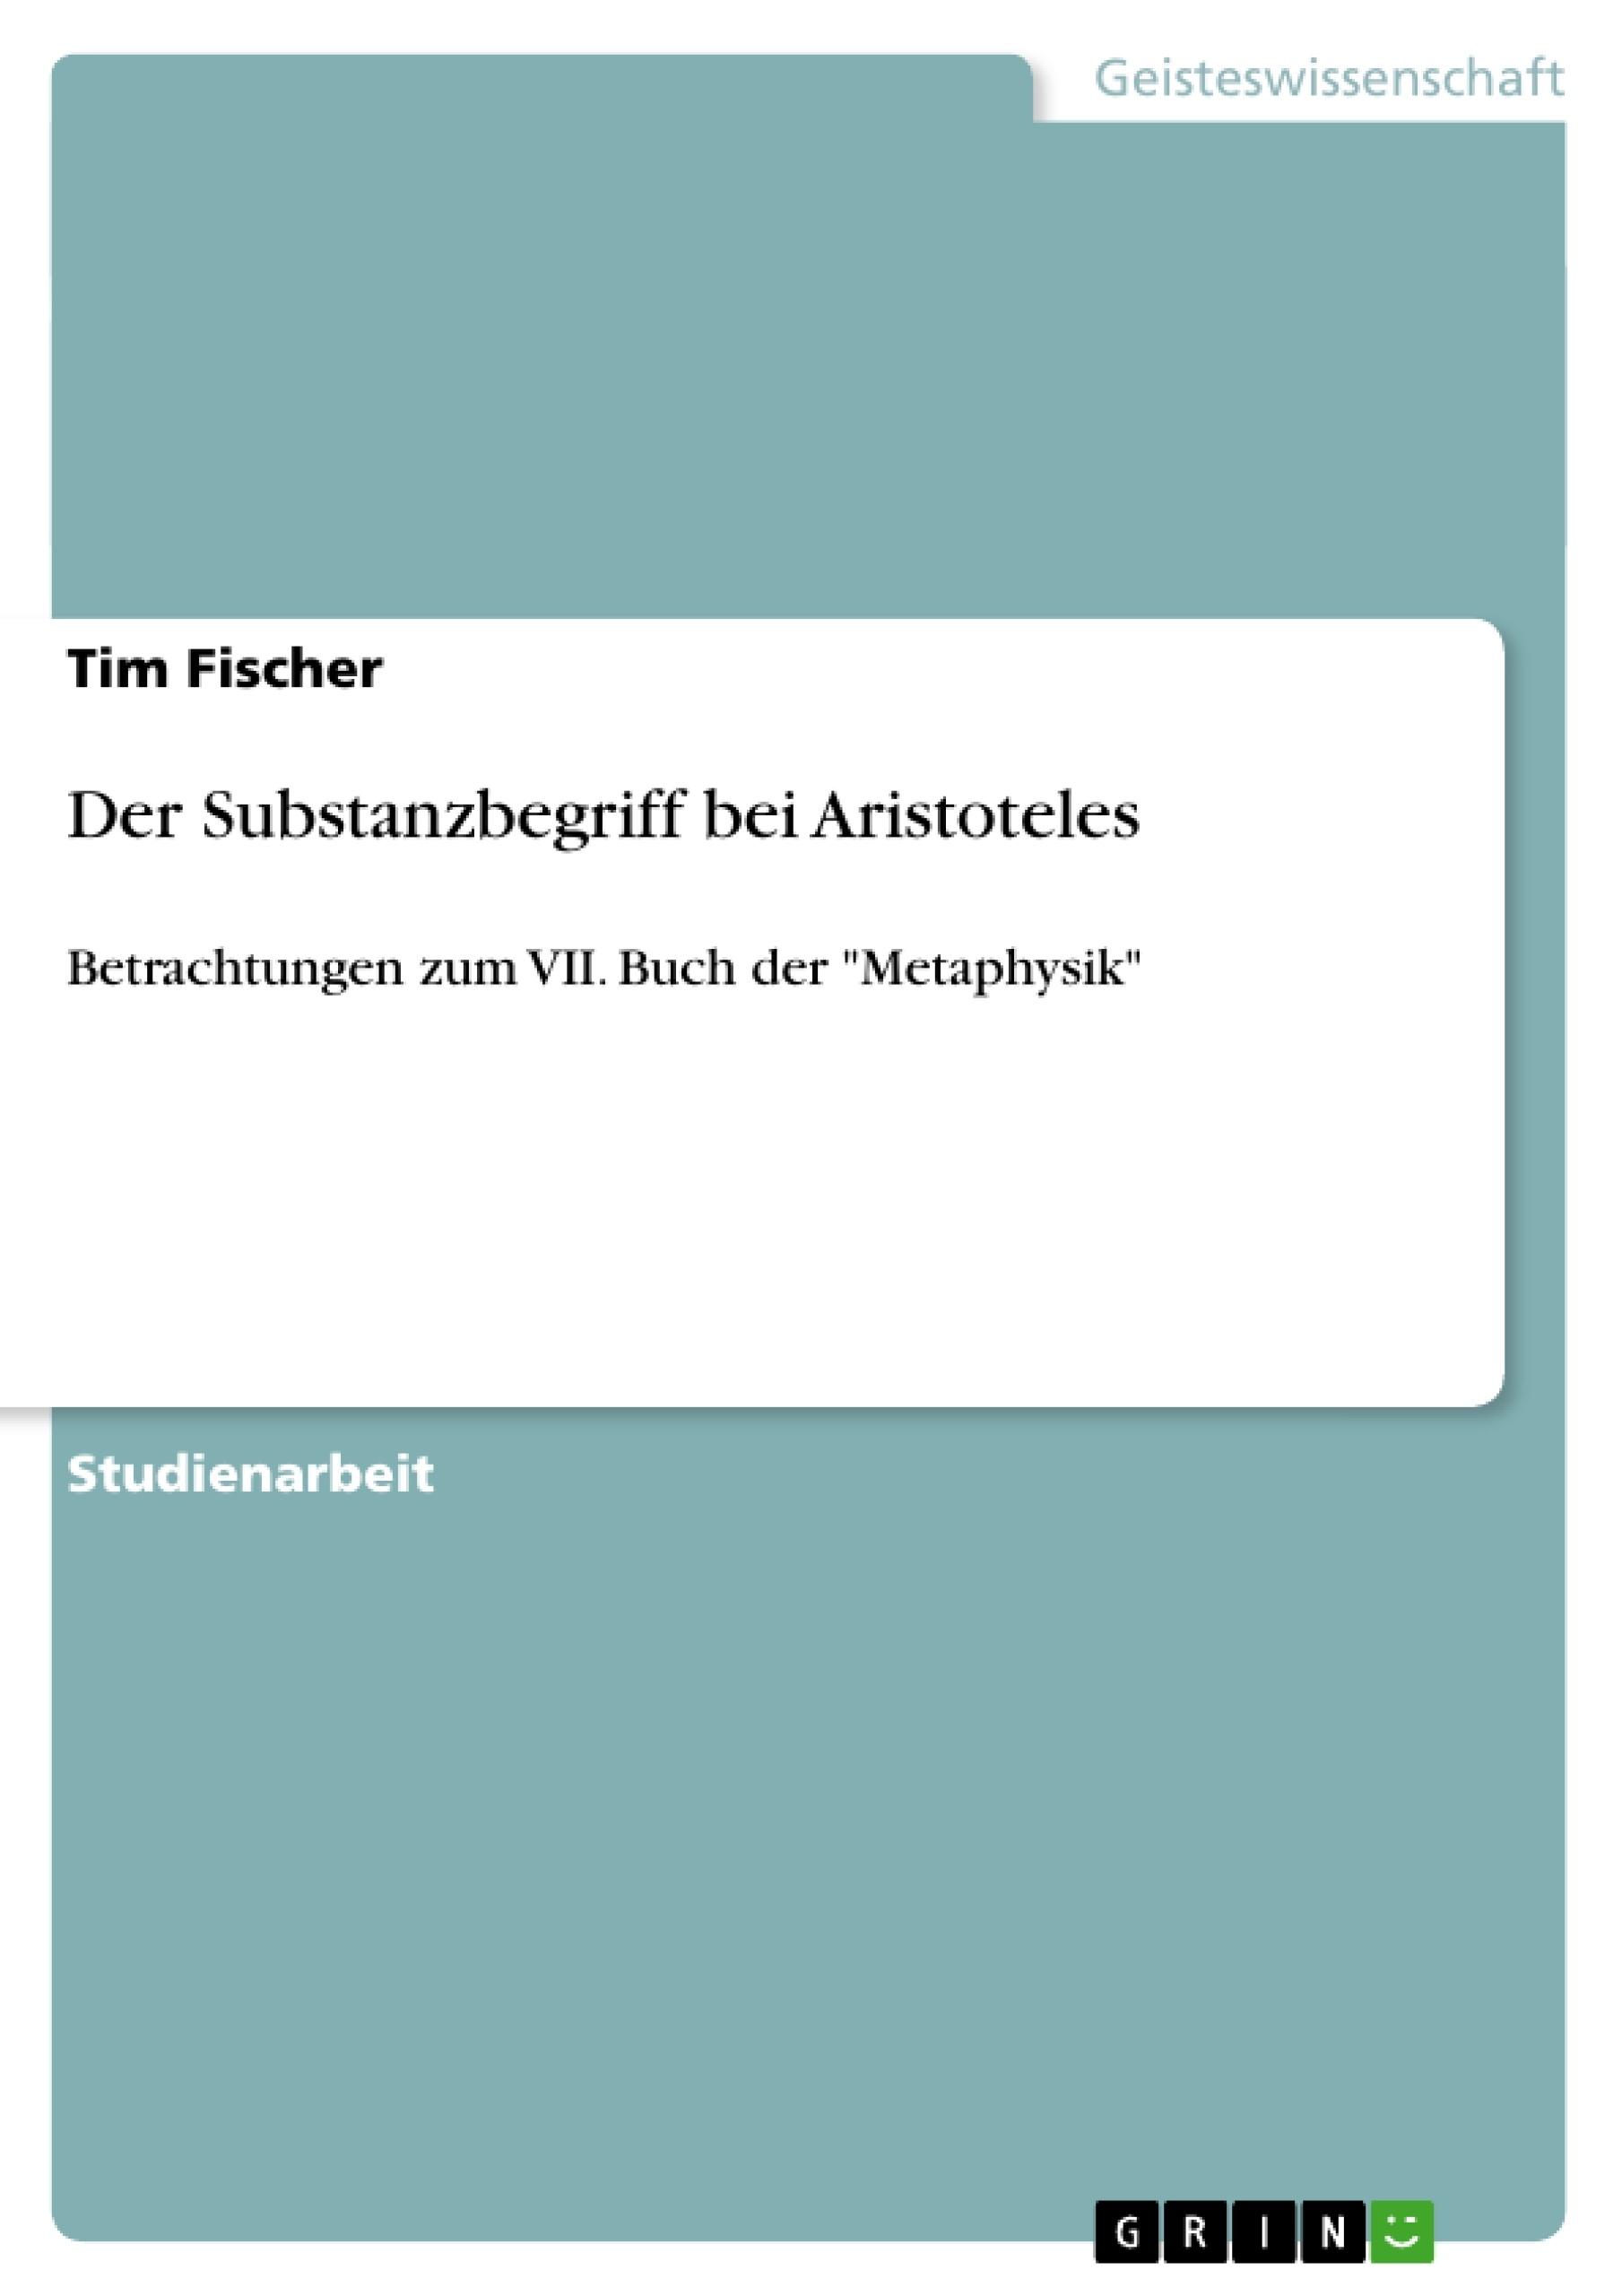 Titel: Der Substanzbegriff bei Aristoteles